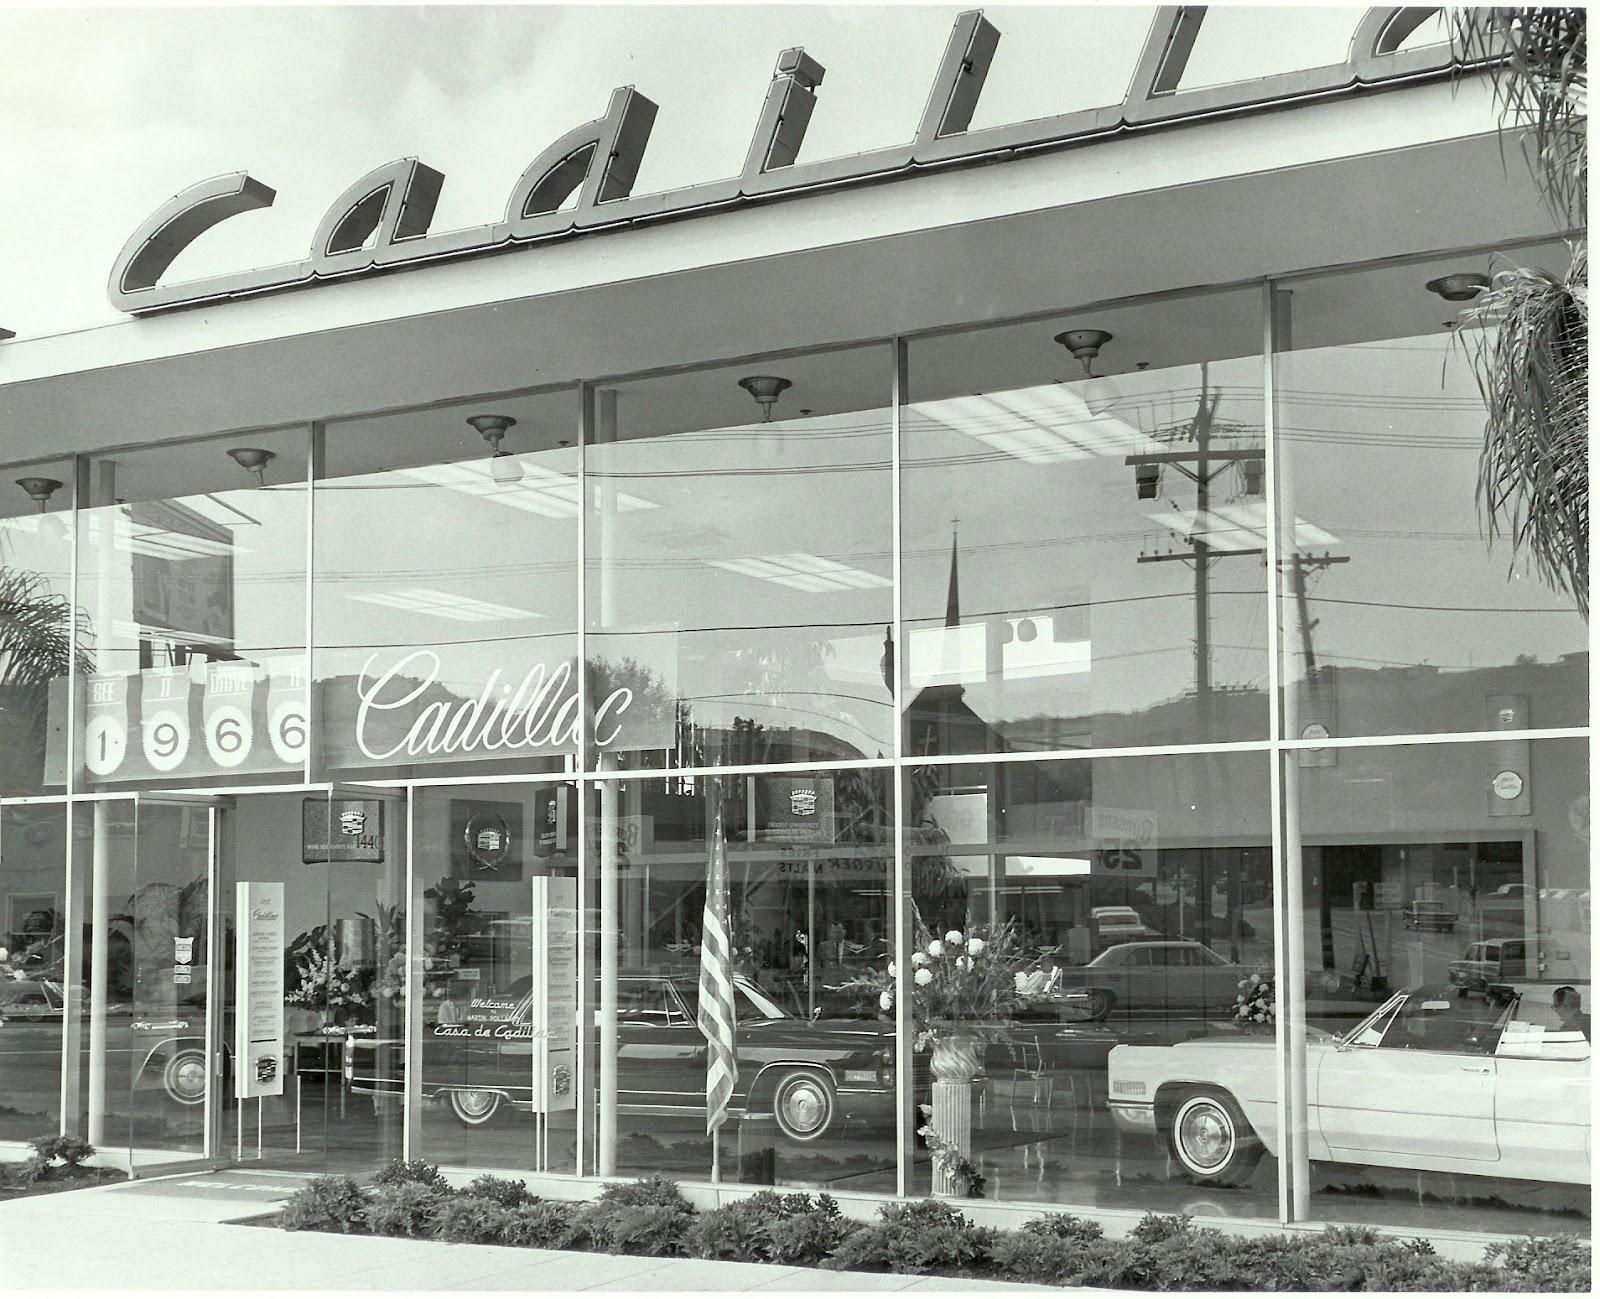 Casa De Cadillac >> Palm Springs Automobilist Casa De Cadillac A Mid Century